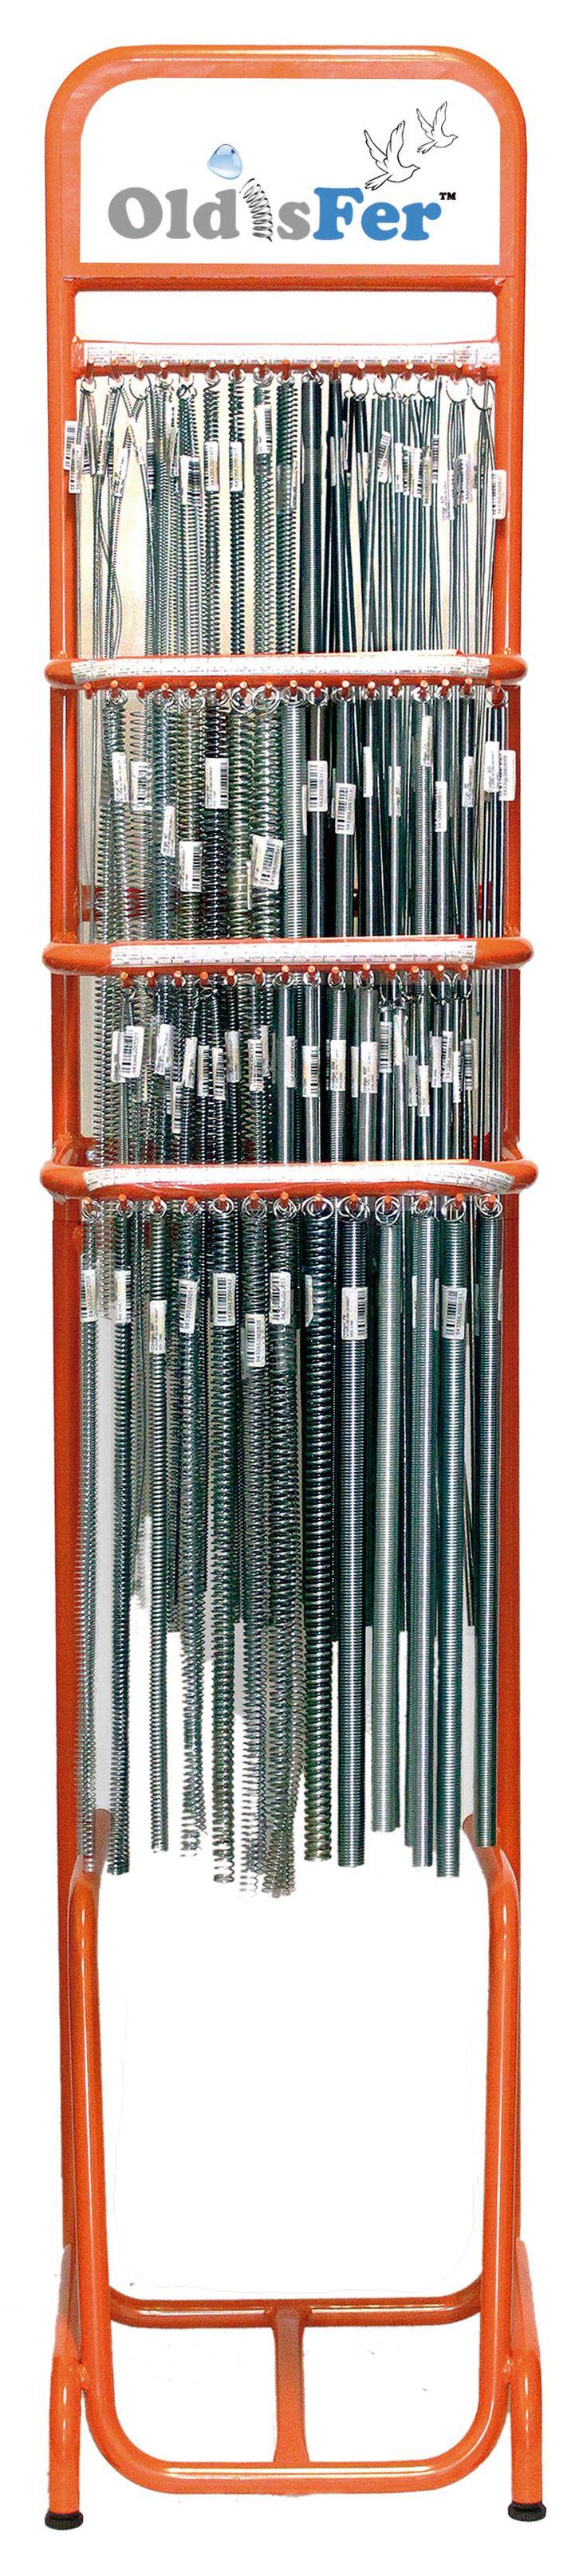 Expositor Frontal Muelle de Compresión y Tracción de 500 mm Inoxidable. 56 tipos de muelles diferentes. 148 unidades en tota. También se sirven sueltos. Fabricado en alambre de acero Inoxidable AISI 302. EN 10270-3 1.4310X10CrNi18-8. Código completo del expositor 111